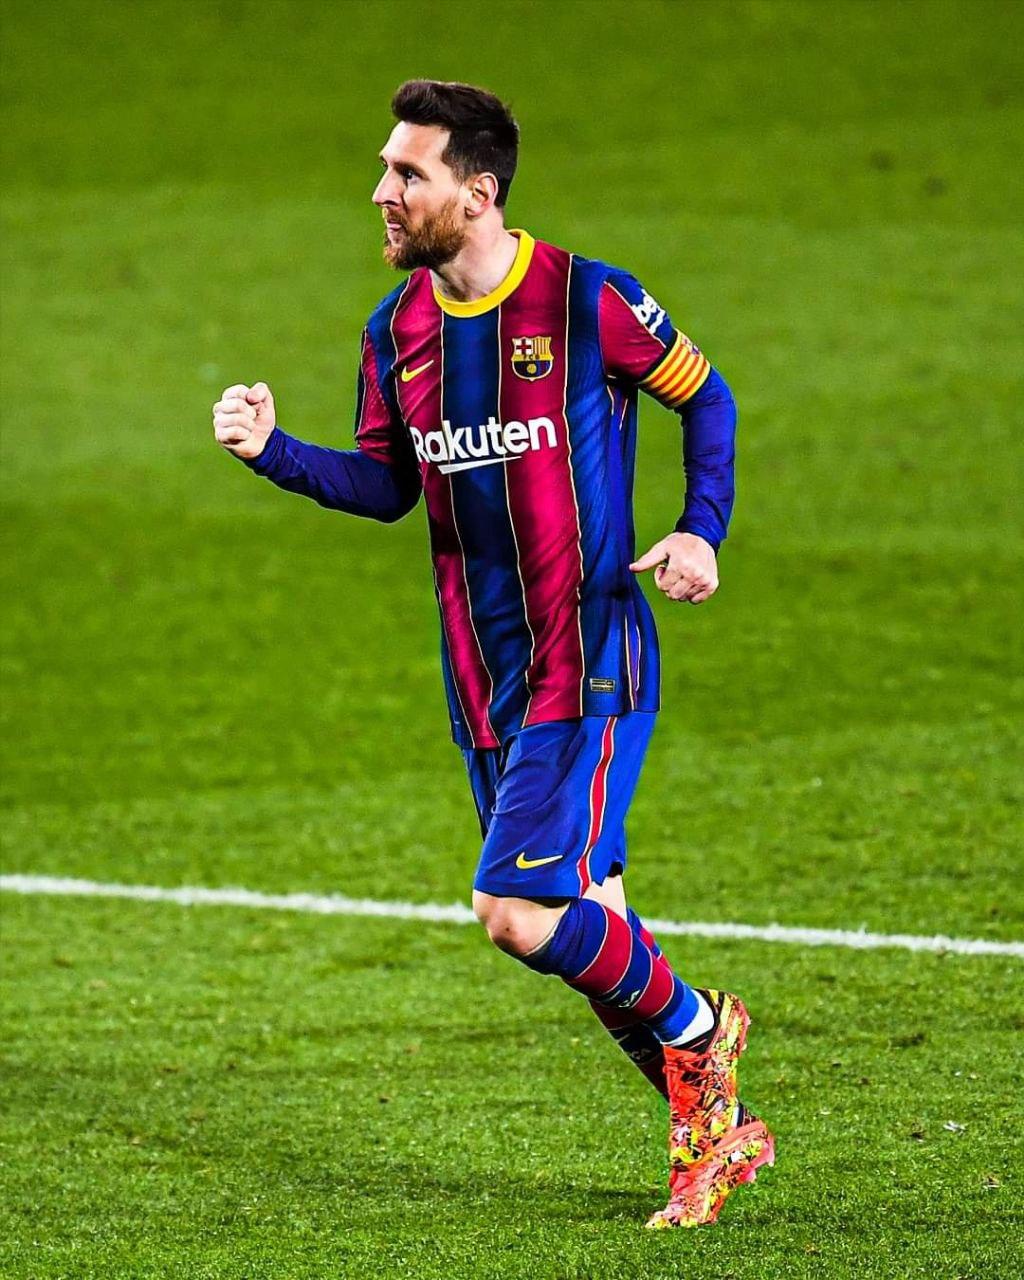 عقد ميسي مع برشلونة انتهى يوم أمس